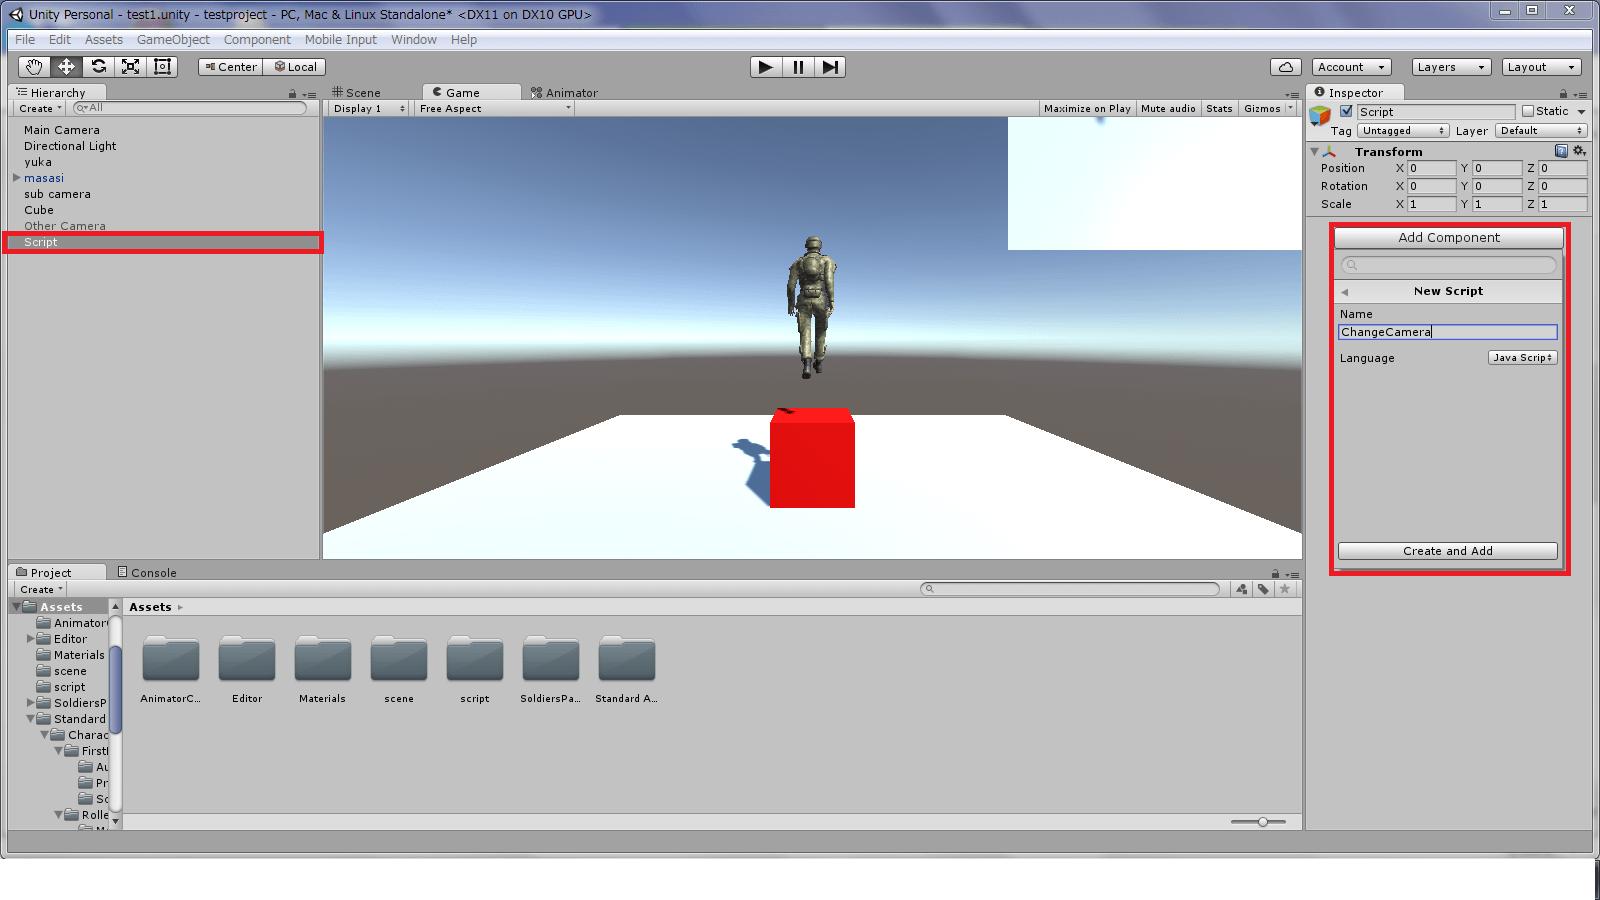 キャラクターを遠目から移す位置に移動